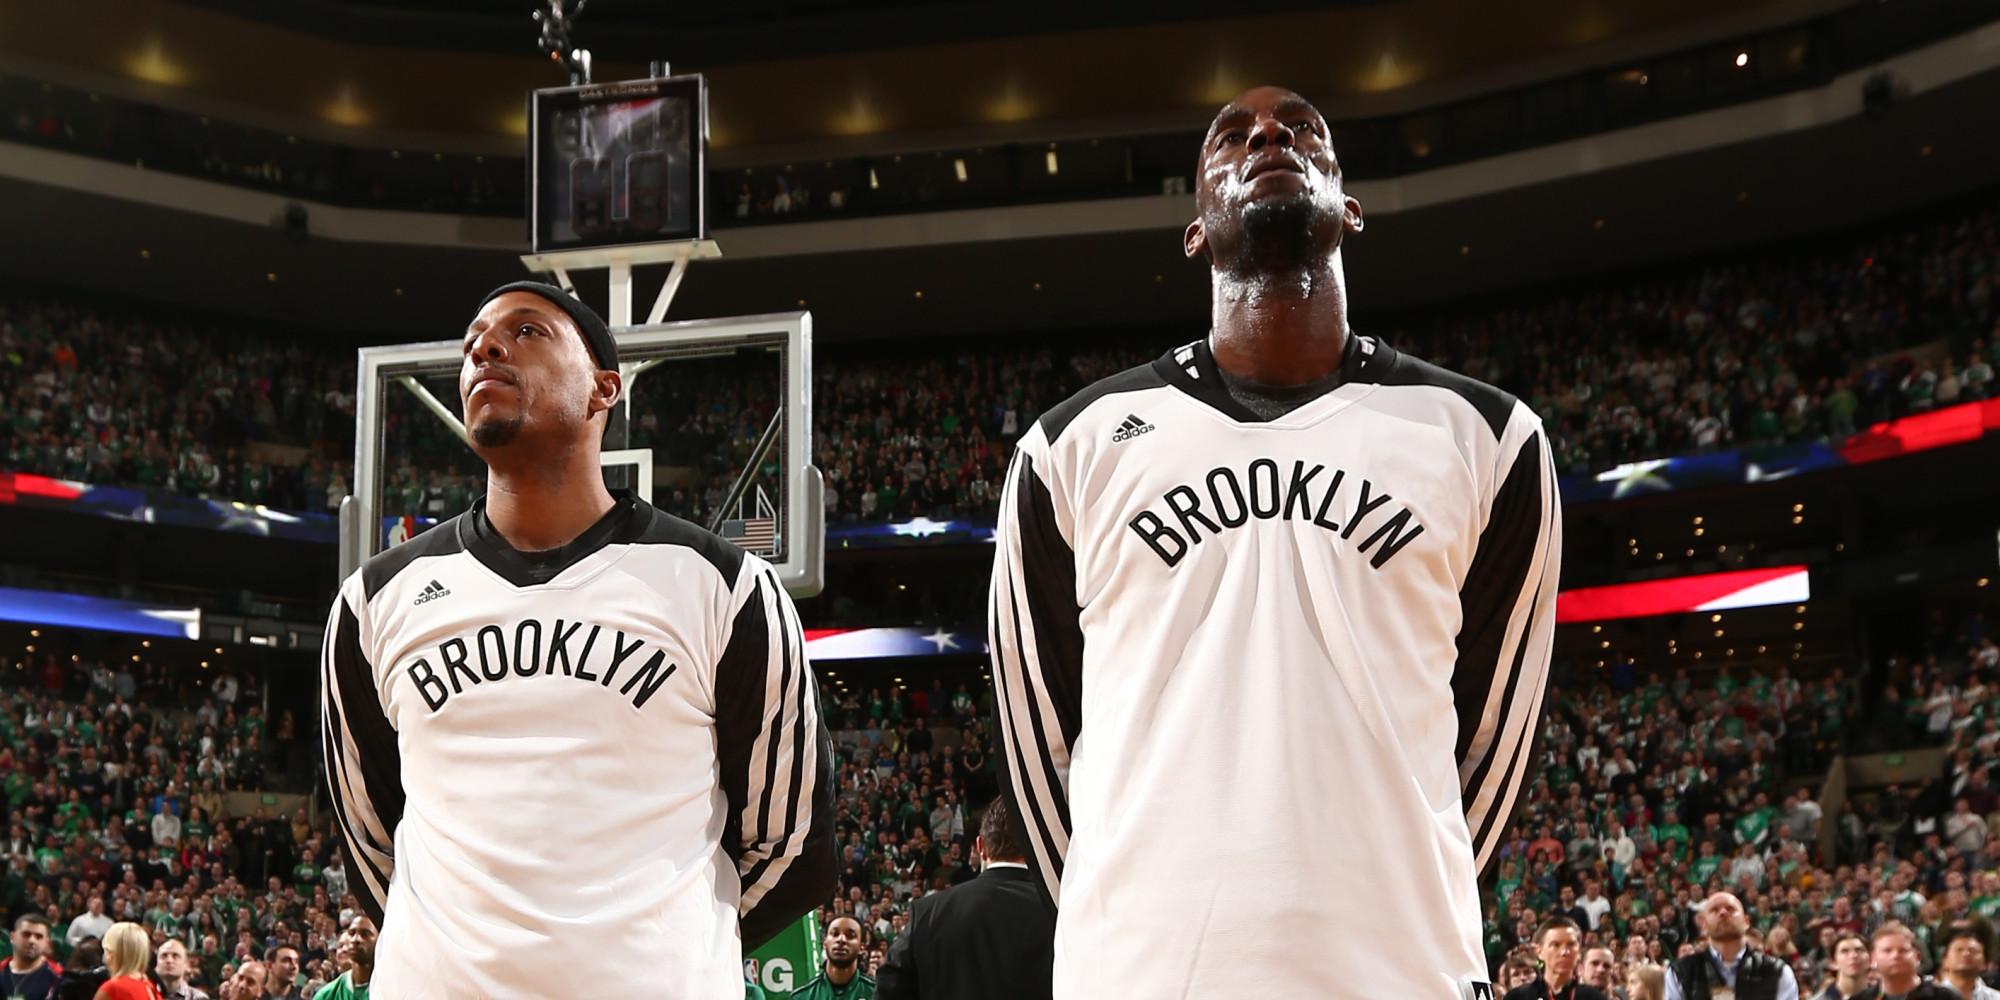 Pierce e Garnett con la maglia di Brooklyn al Garden